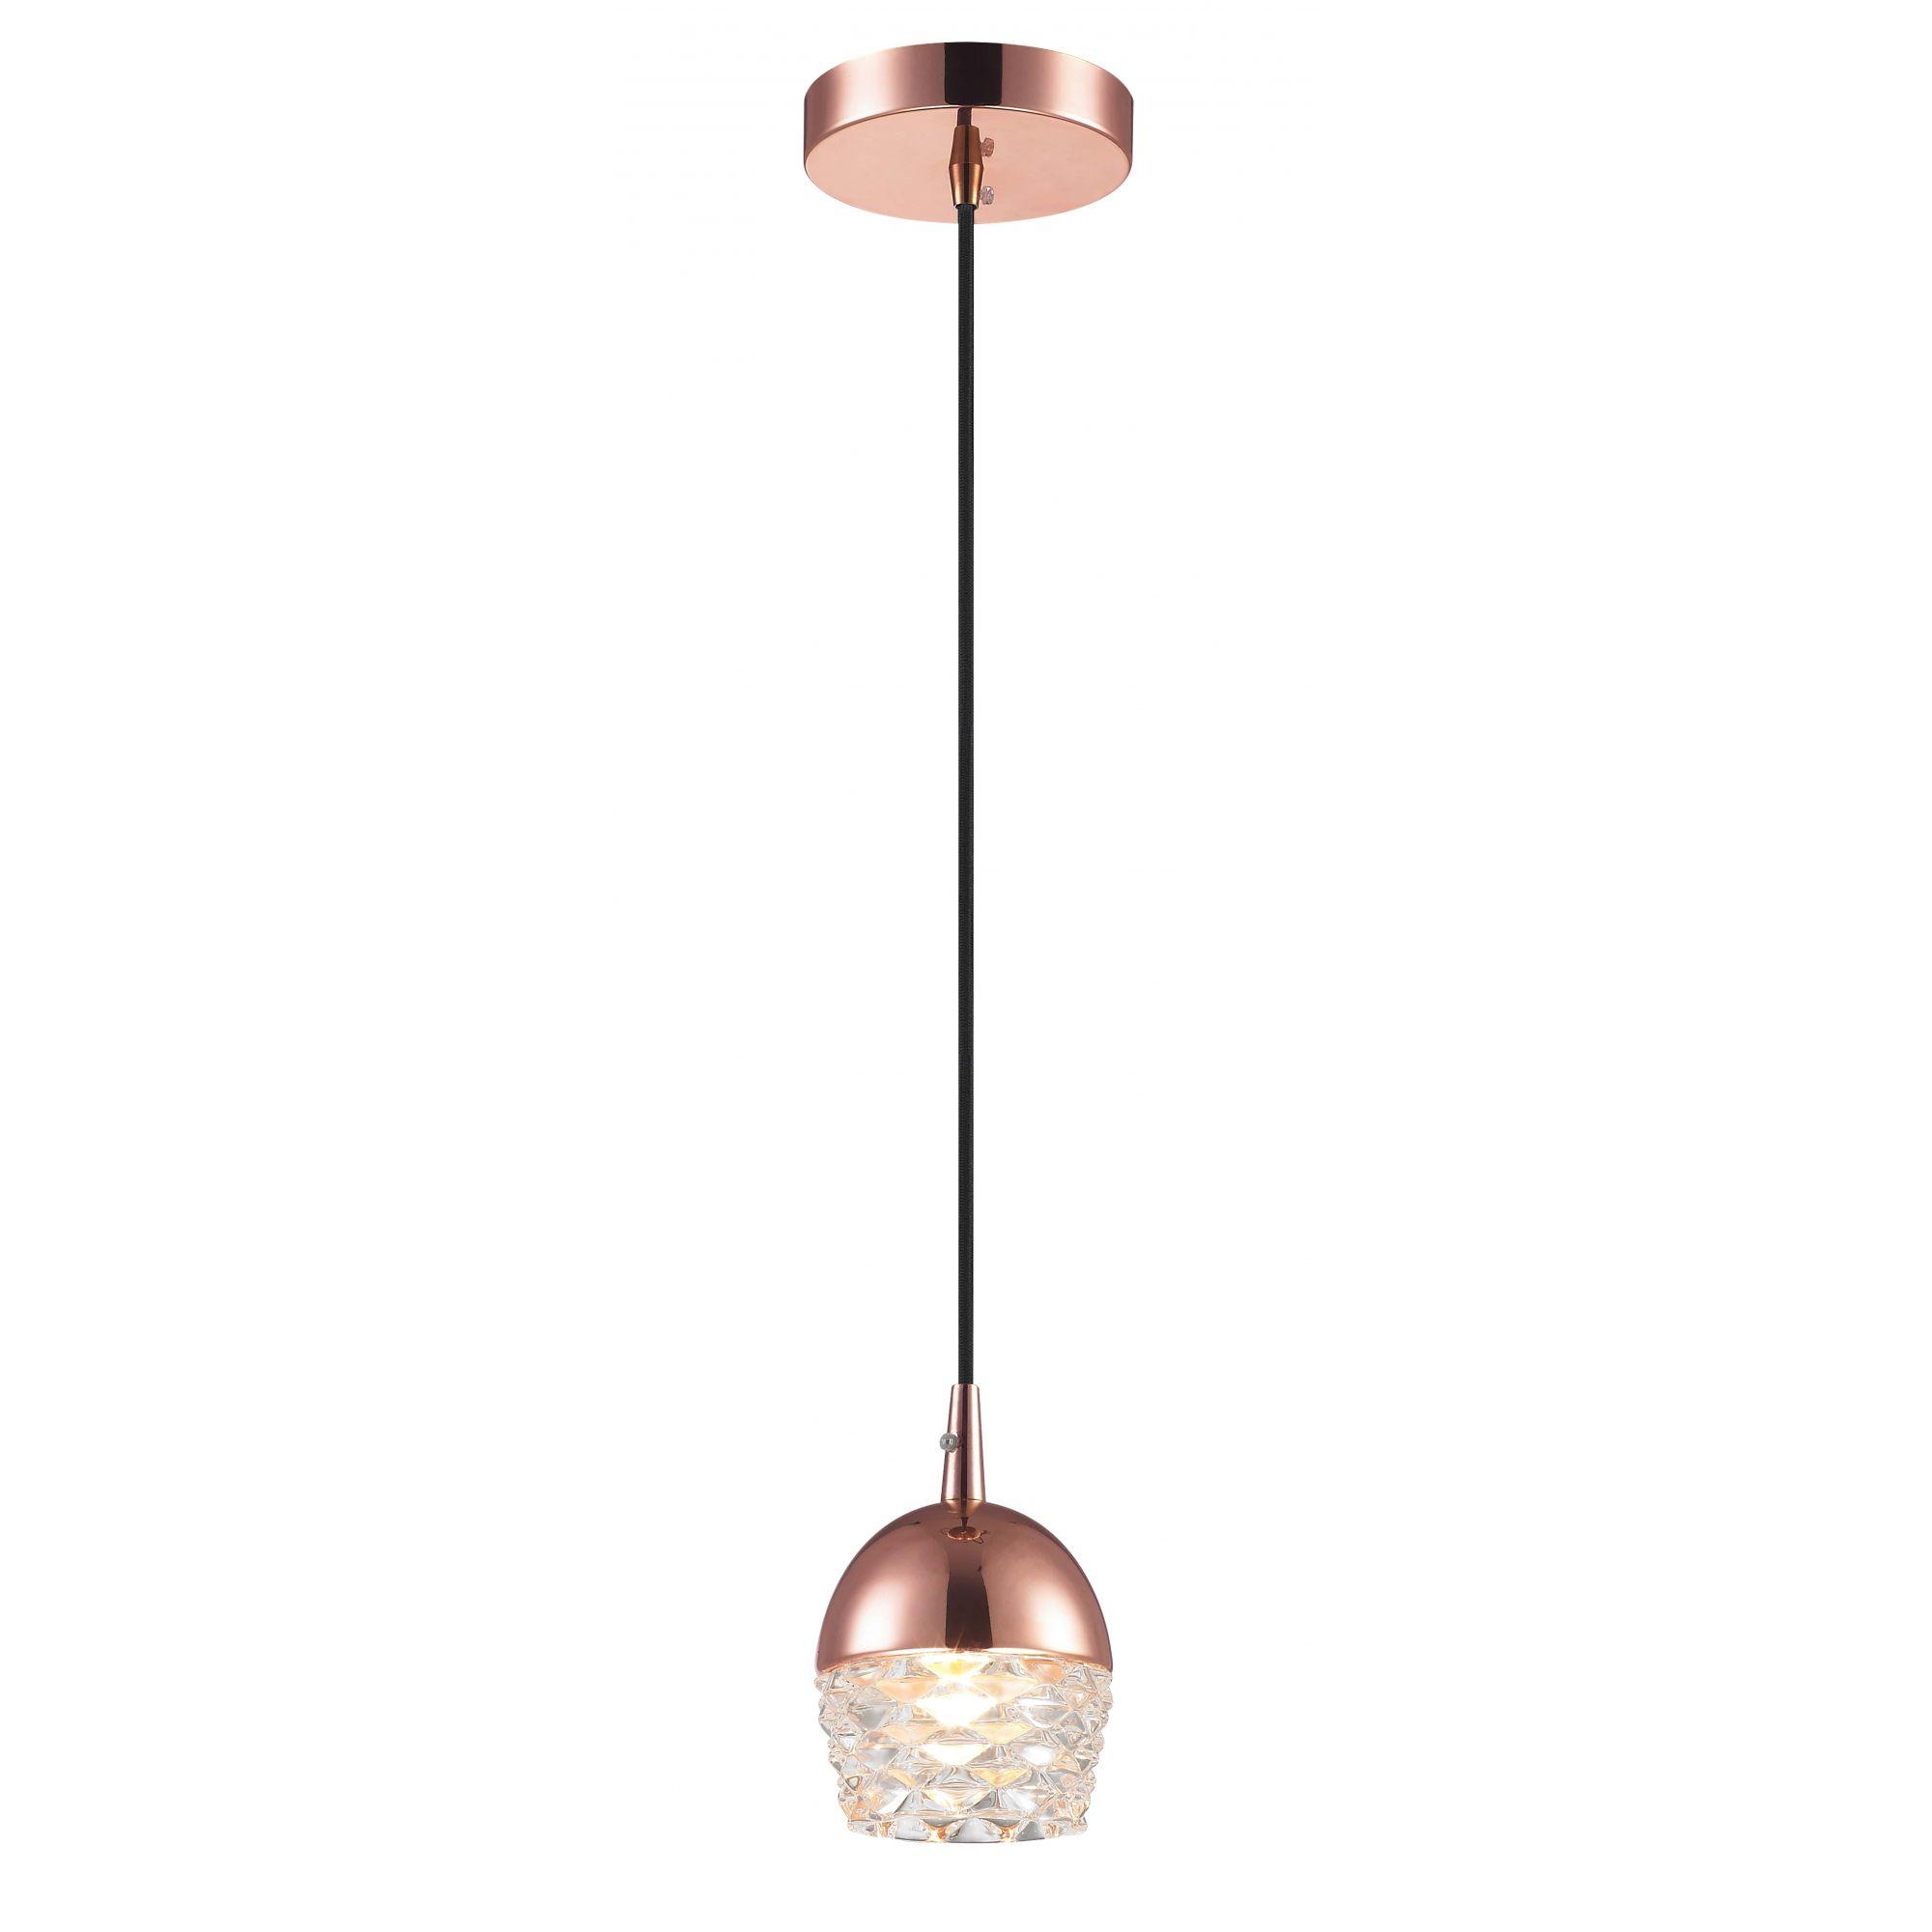 Pendente Elegante em Vidro e Ouro Rosè 10cm x 14cm Mais Luz